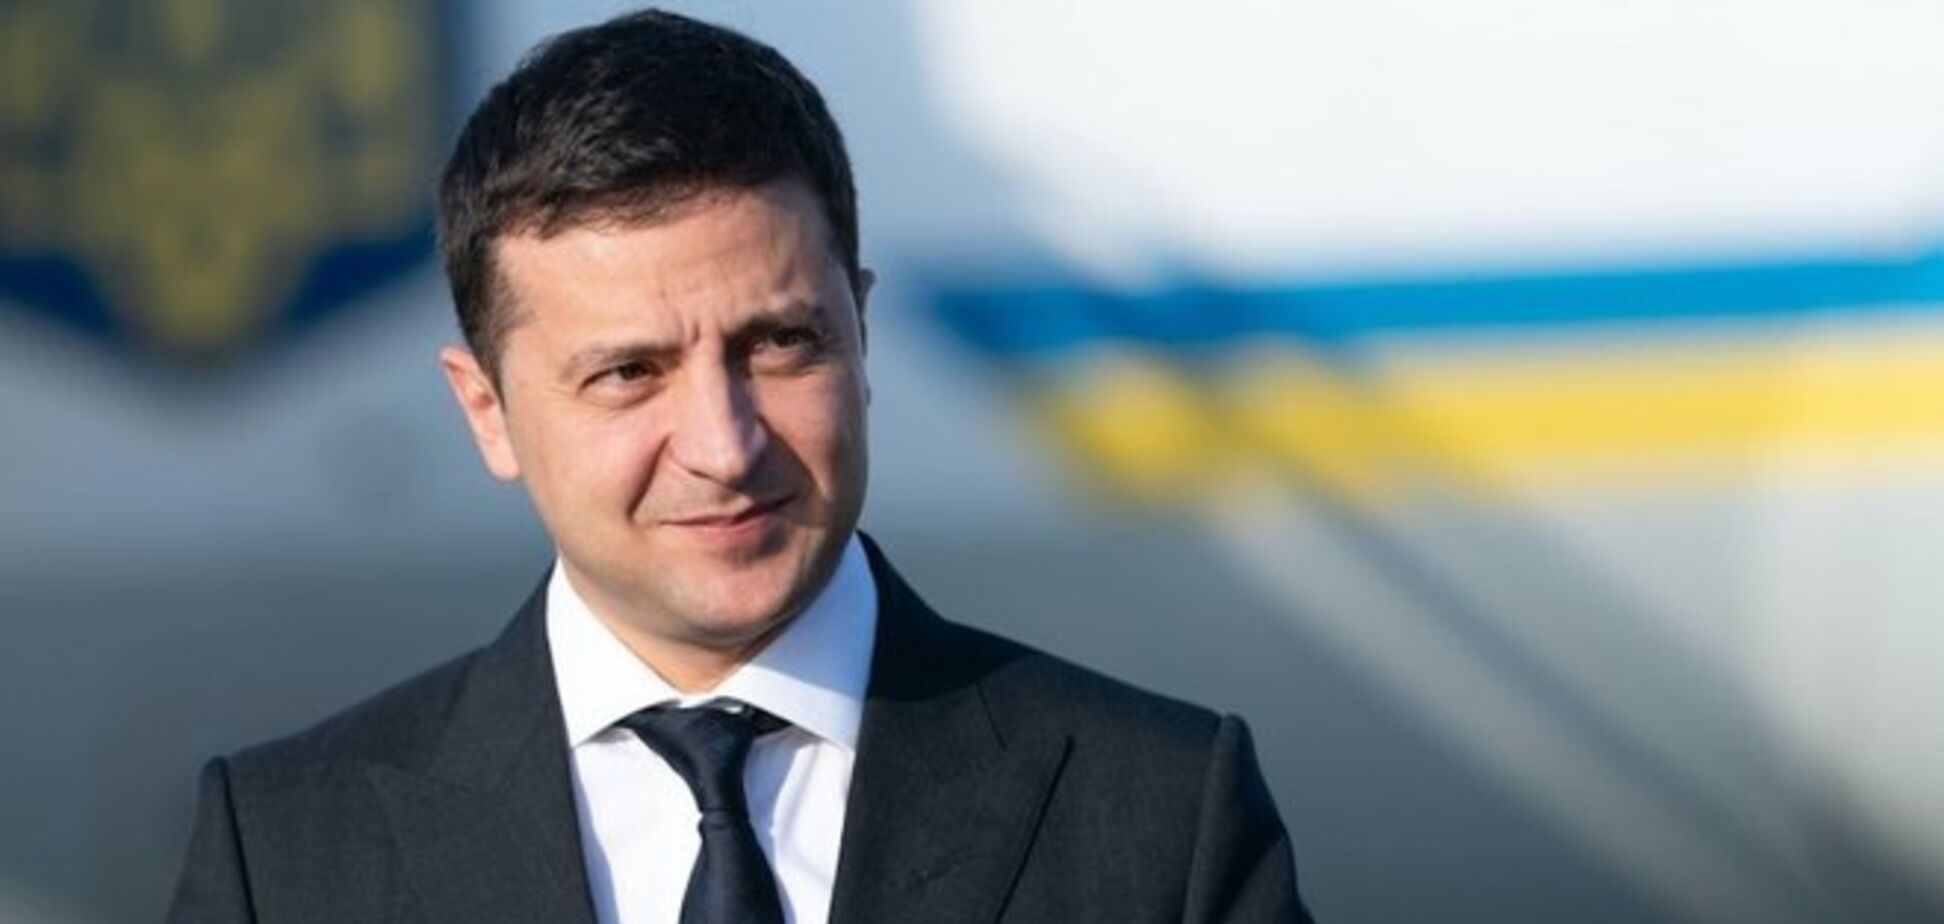 'Украиной управляет герой сериалов': немецкие СМИ дали неожиданную оценку Зеленскому